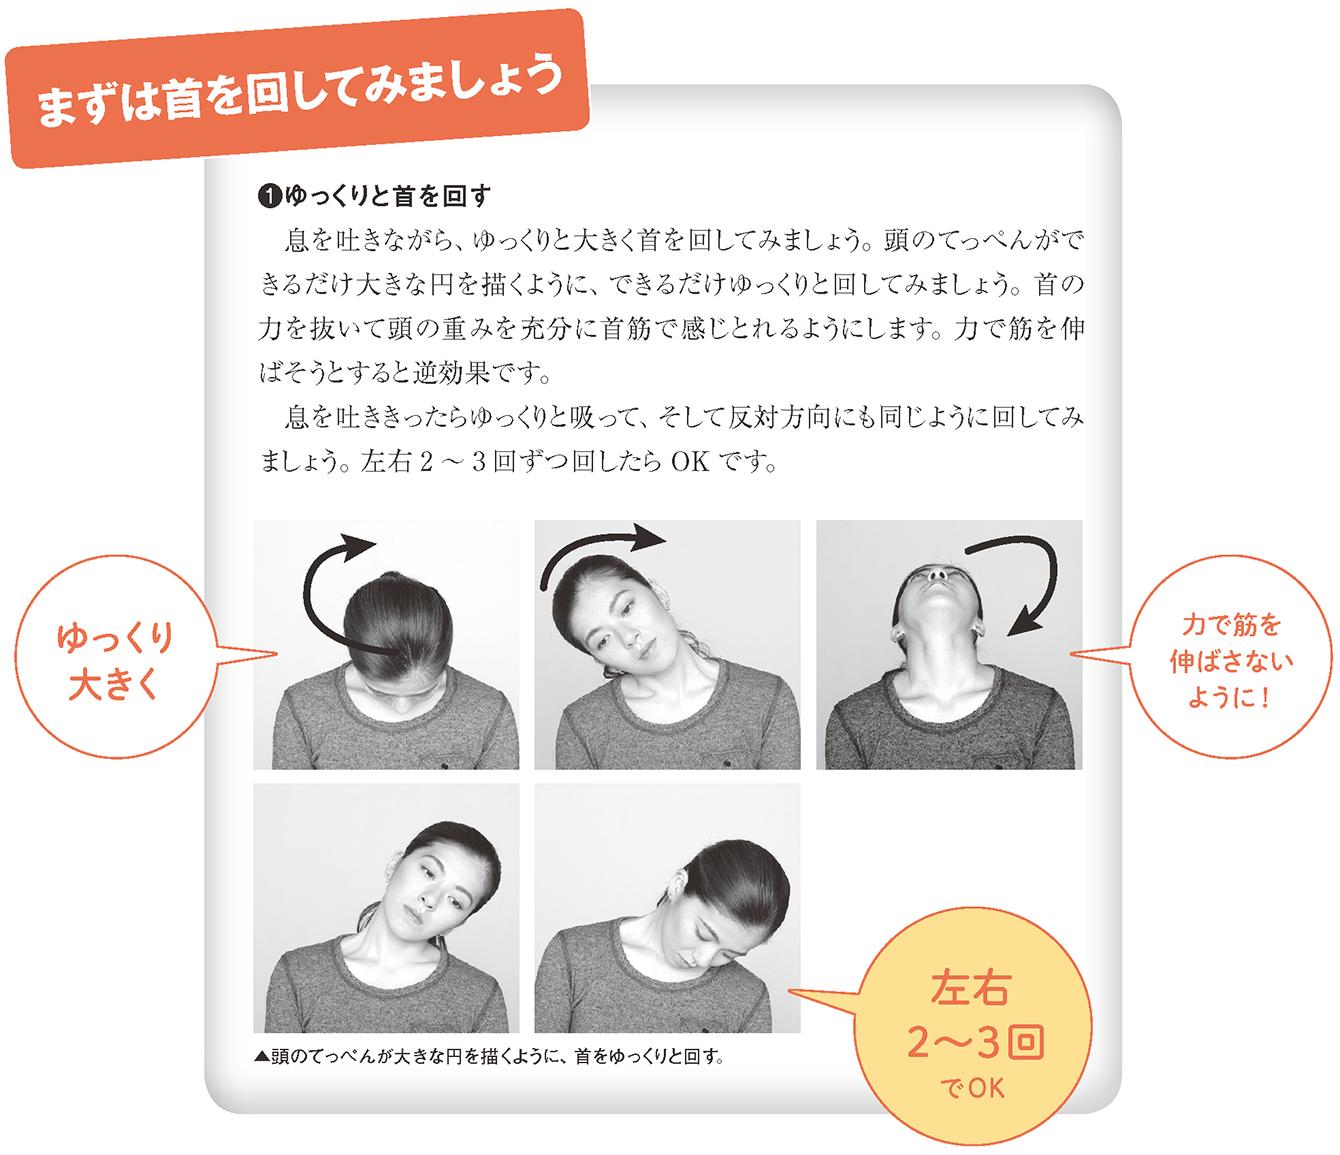 keion_v2_vocal_01.jpg